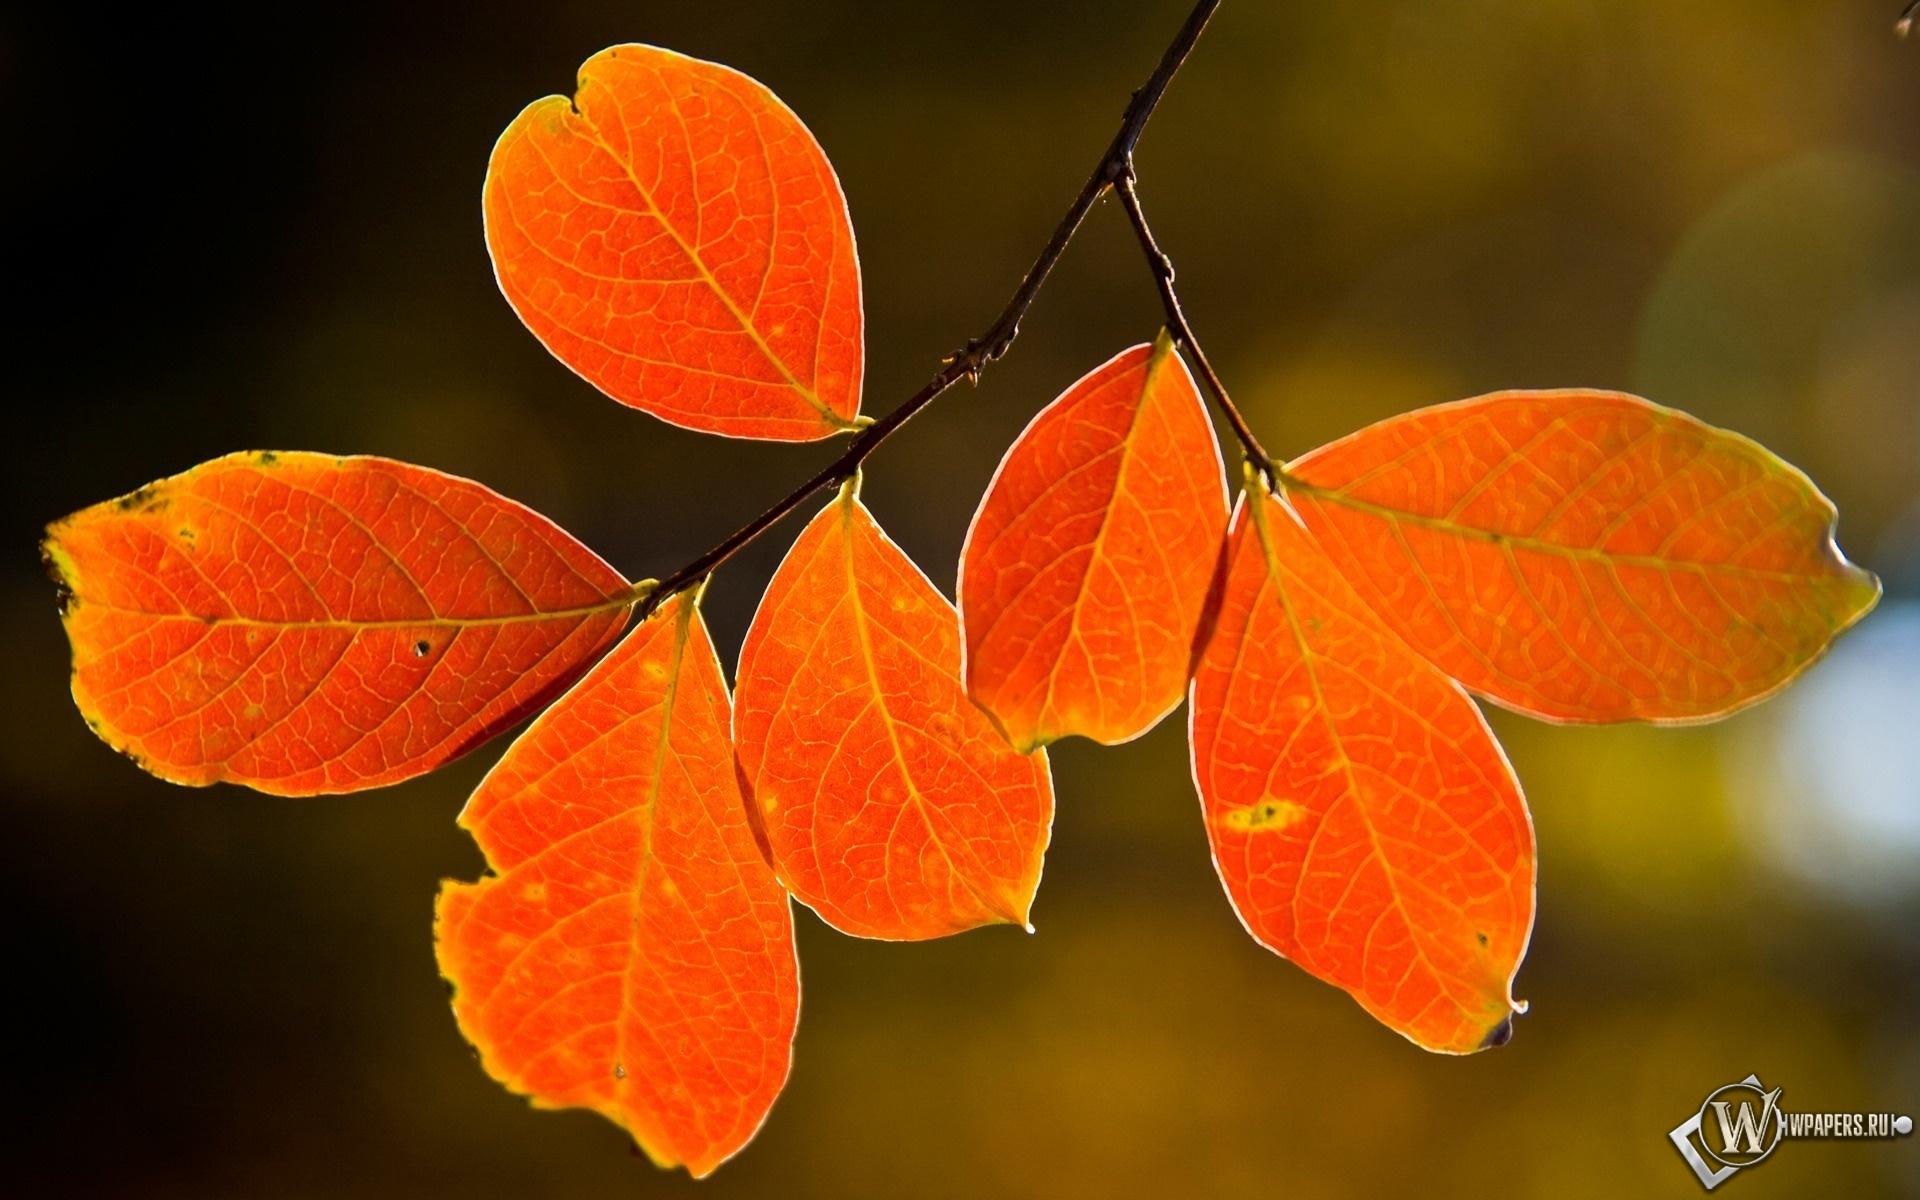 Осенние листья 1920x1200